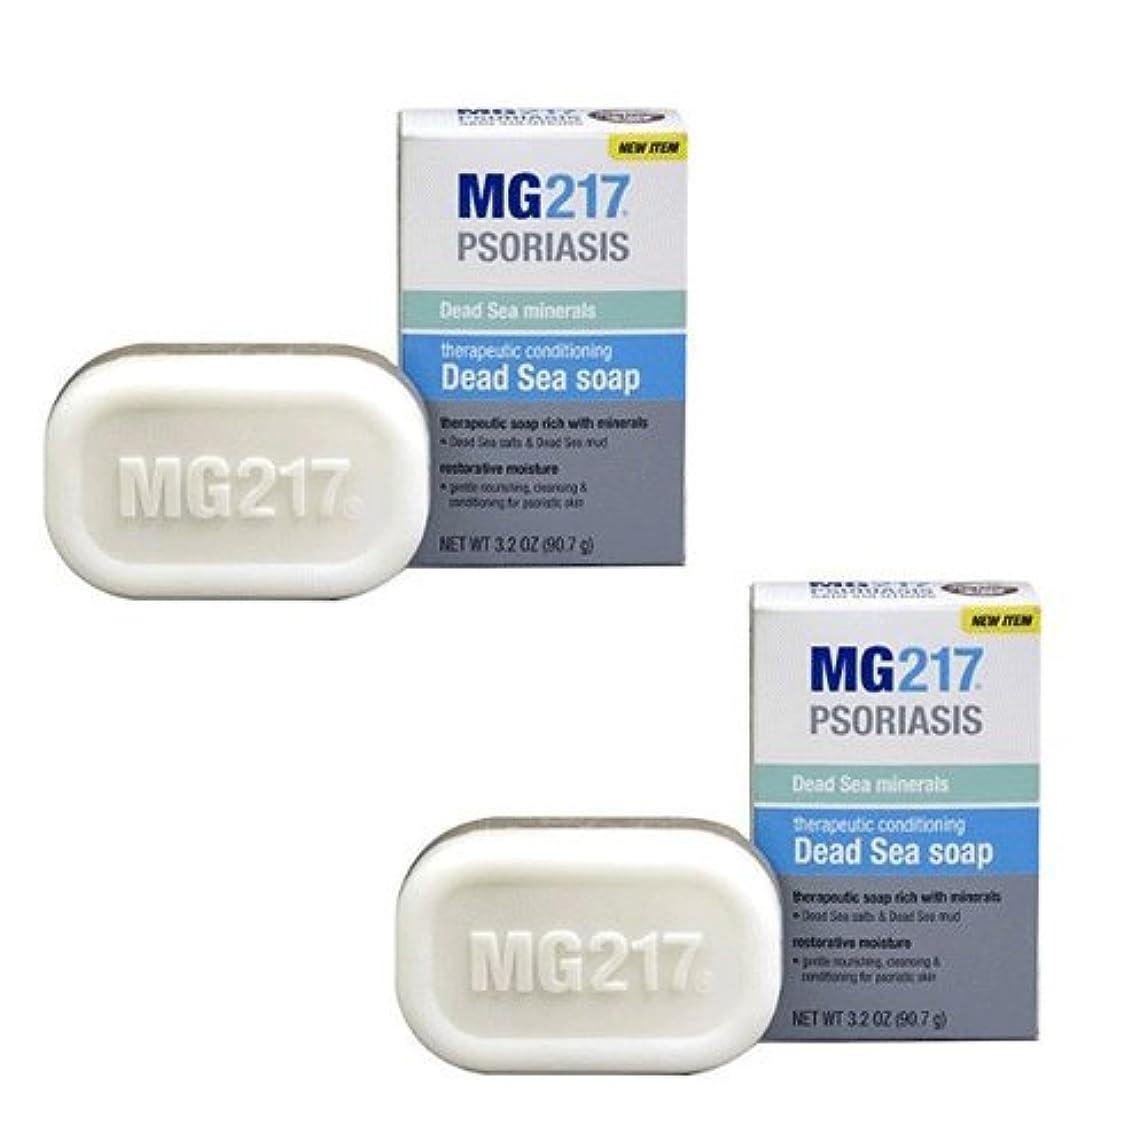 来て慣習知的2個セット 死海の泥とミネラルたっぷり MG217ソープ 90g MG217 Psoriasis Therapeutic Conditioning Dead Sea Bar Soap